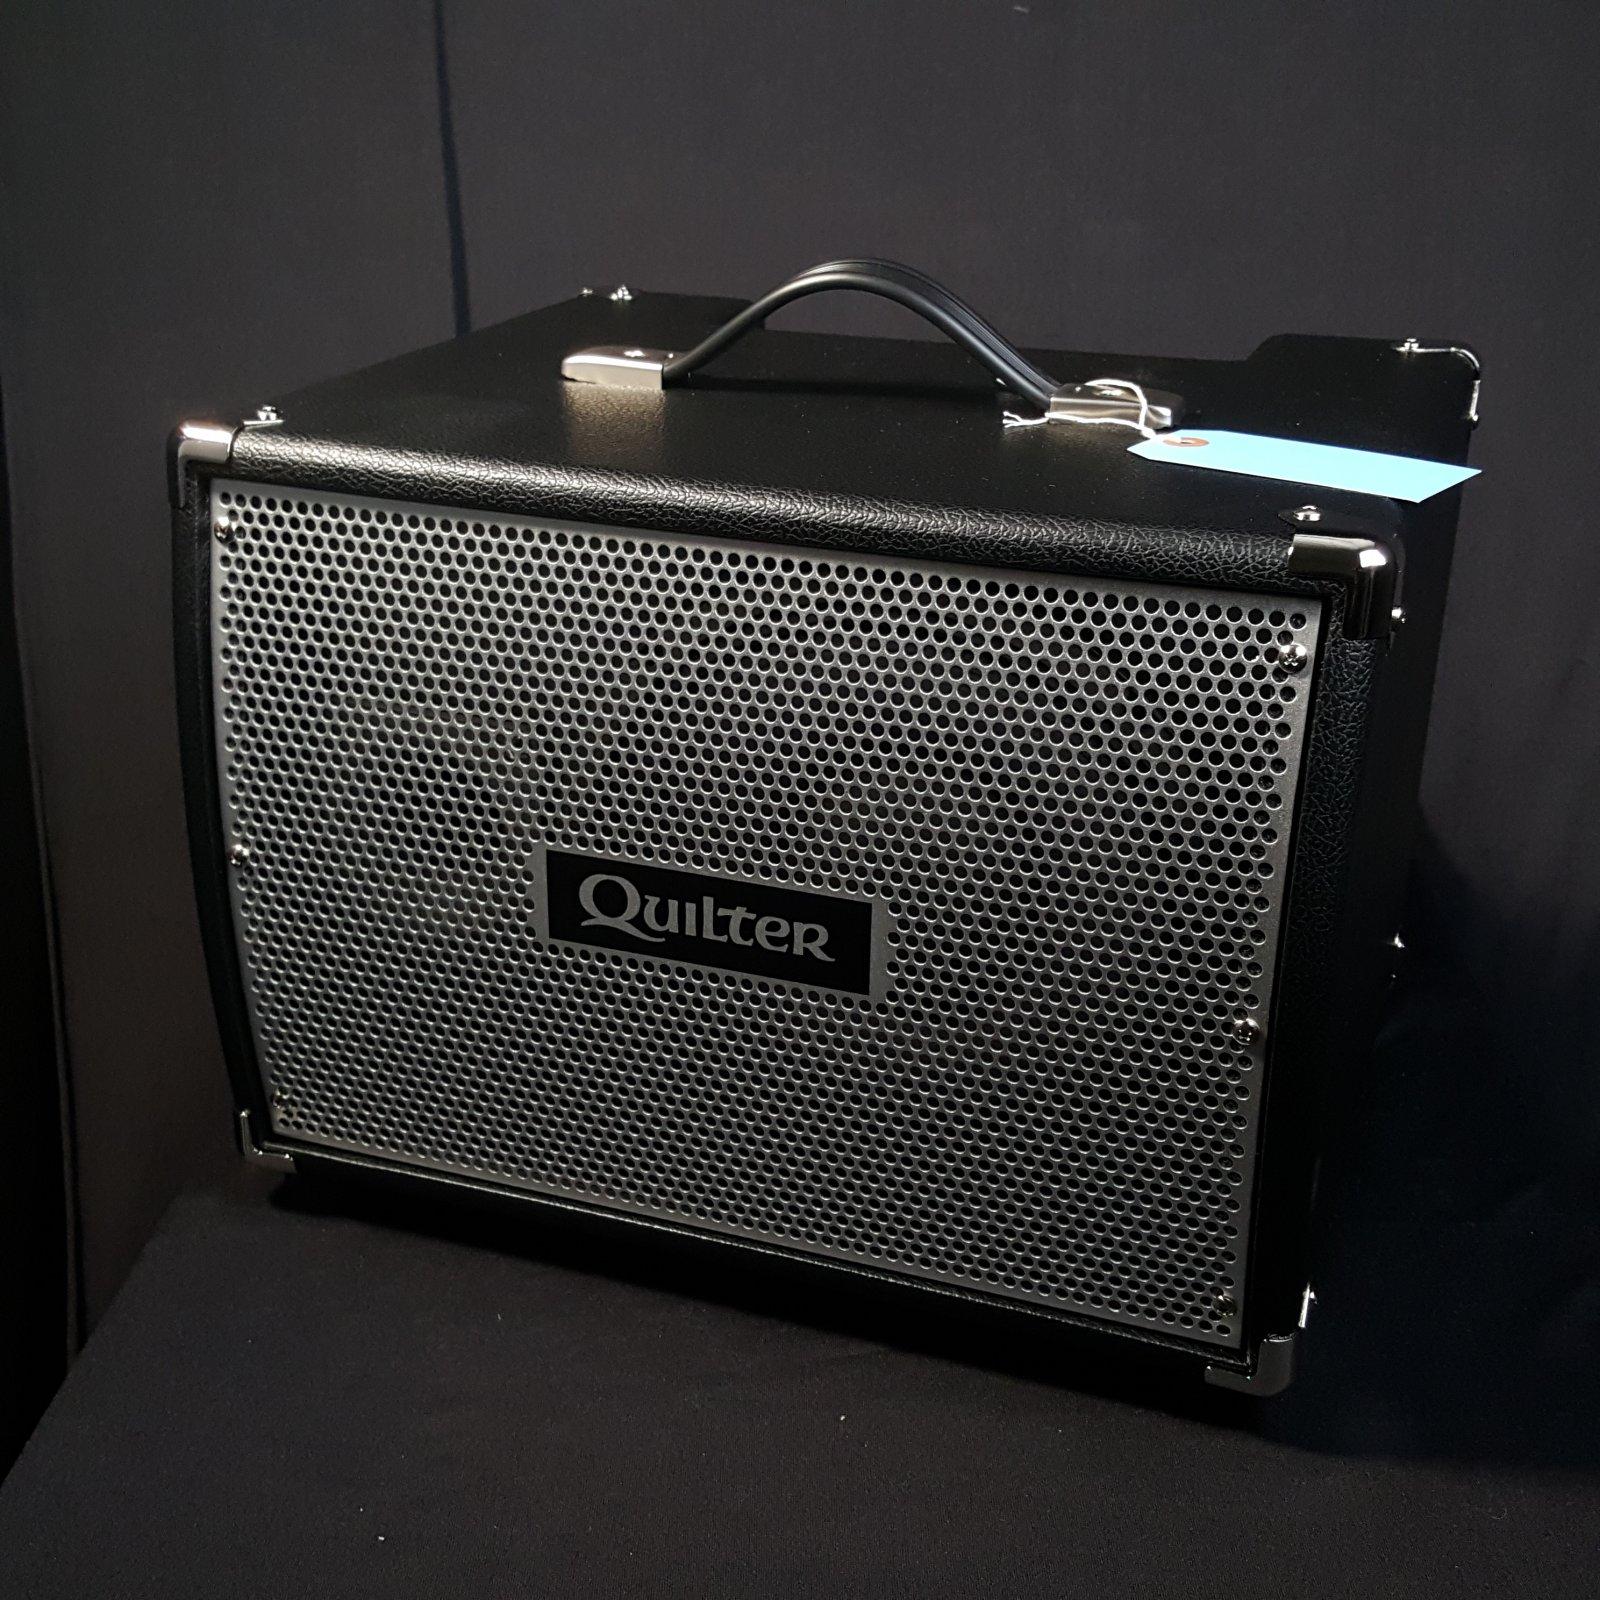 Quilter Bass Dock 10 Bass Speaker Cabinet